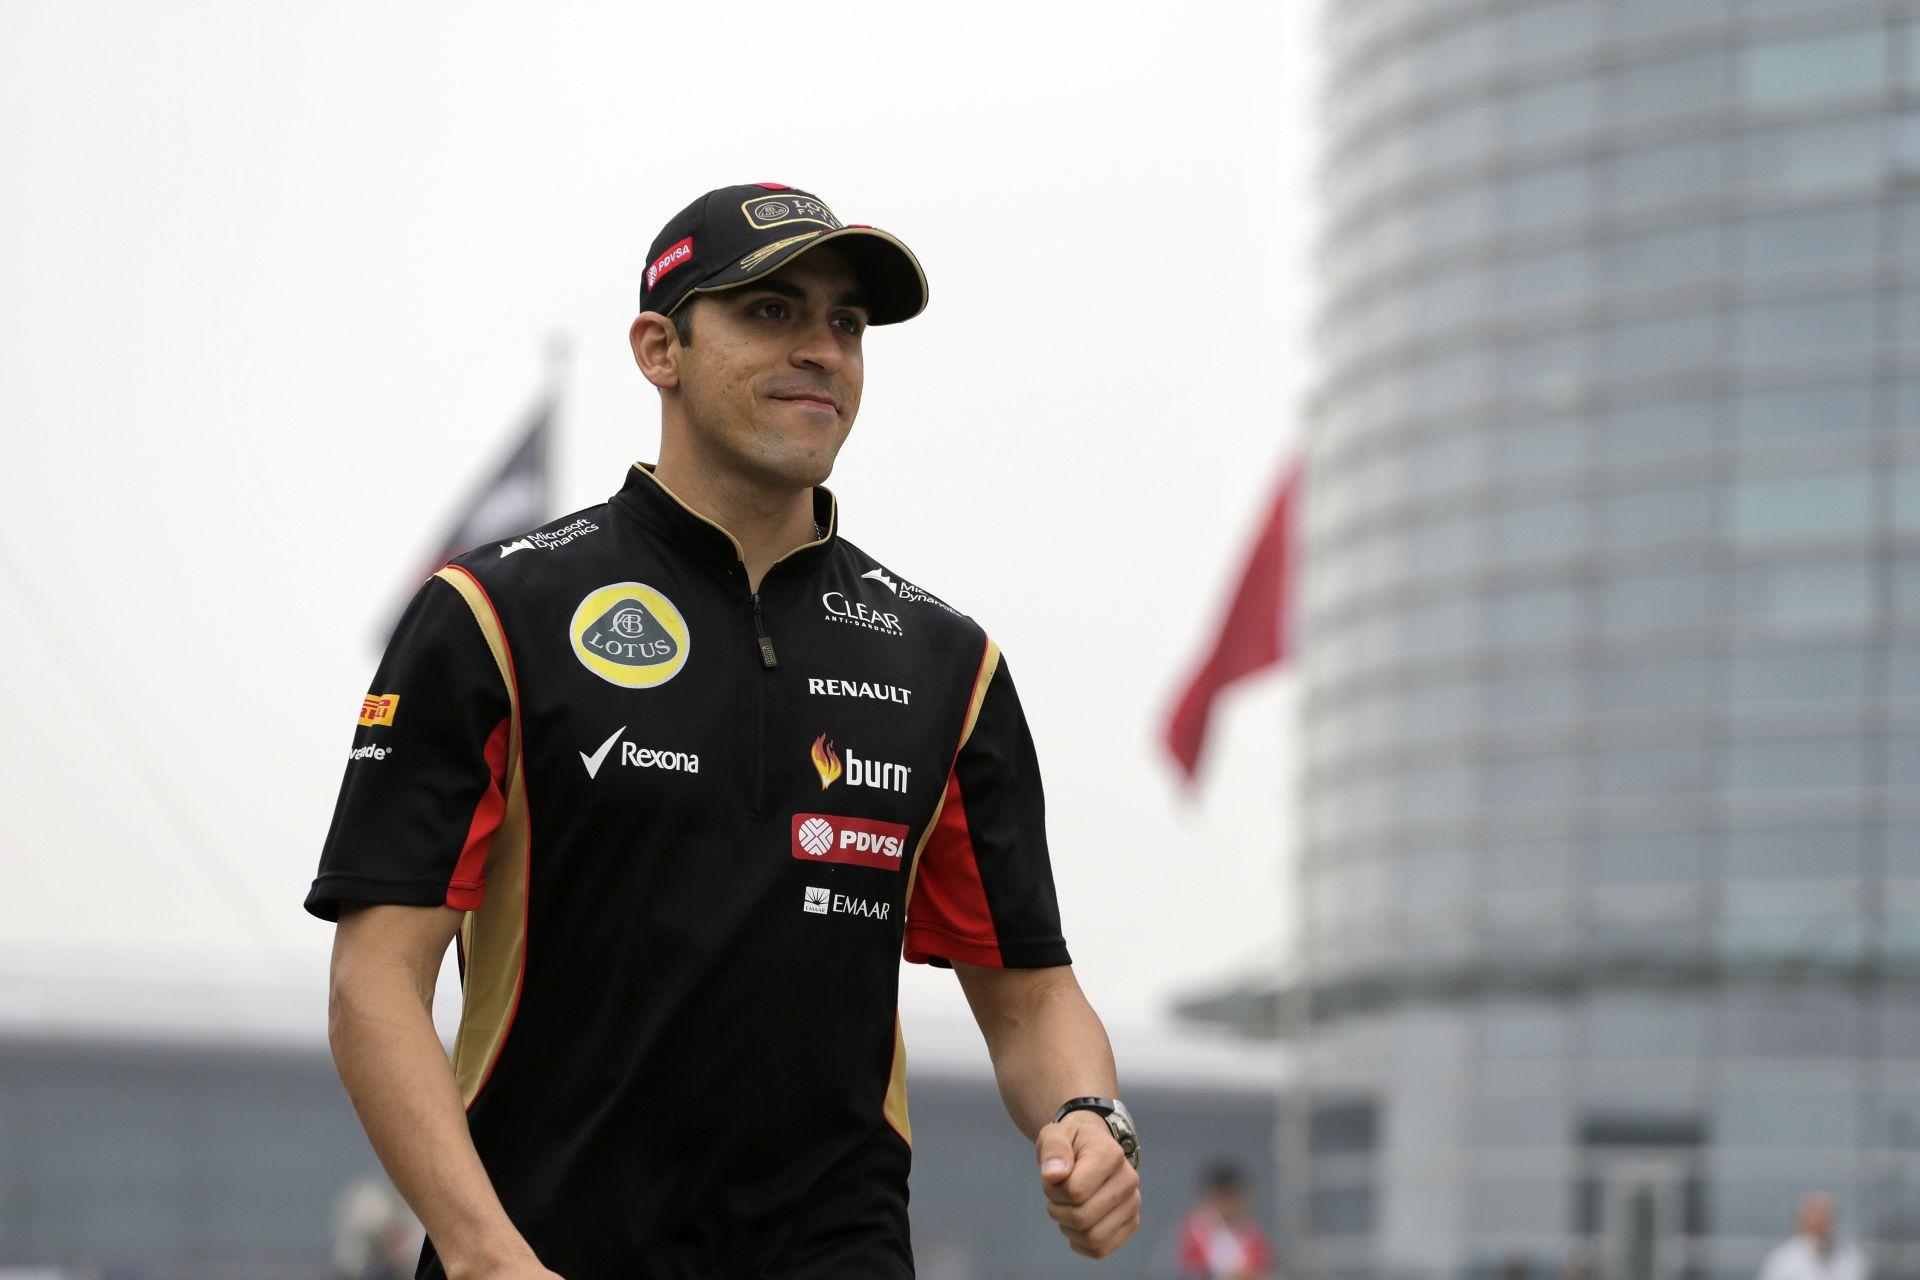 Maldonado elismerte, ő hibázott, amikor összetörte a Lotust Kínában